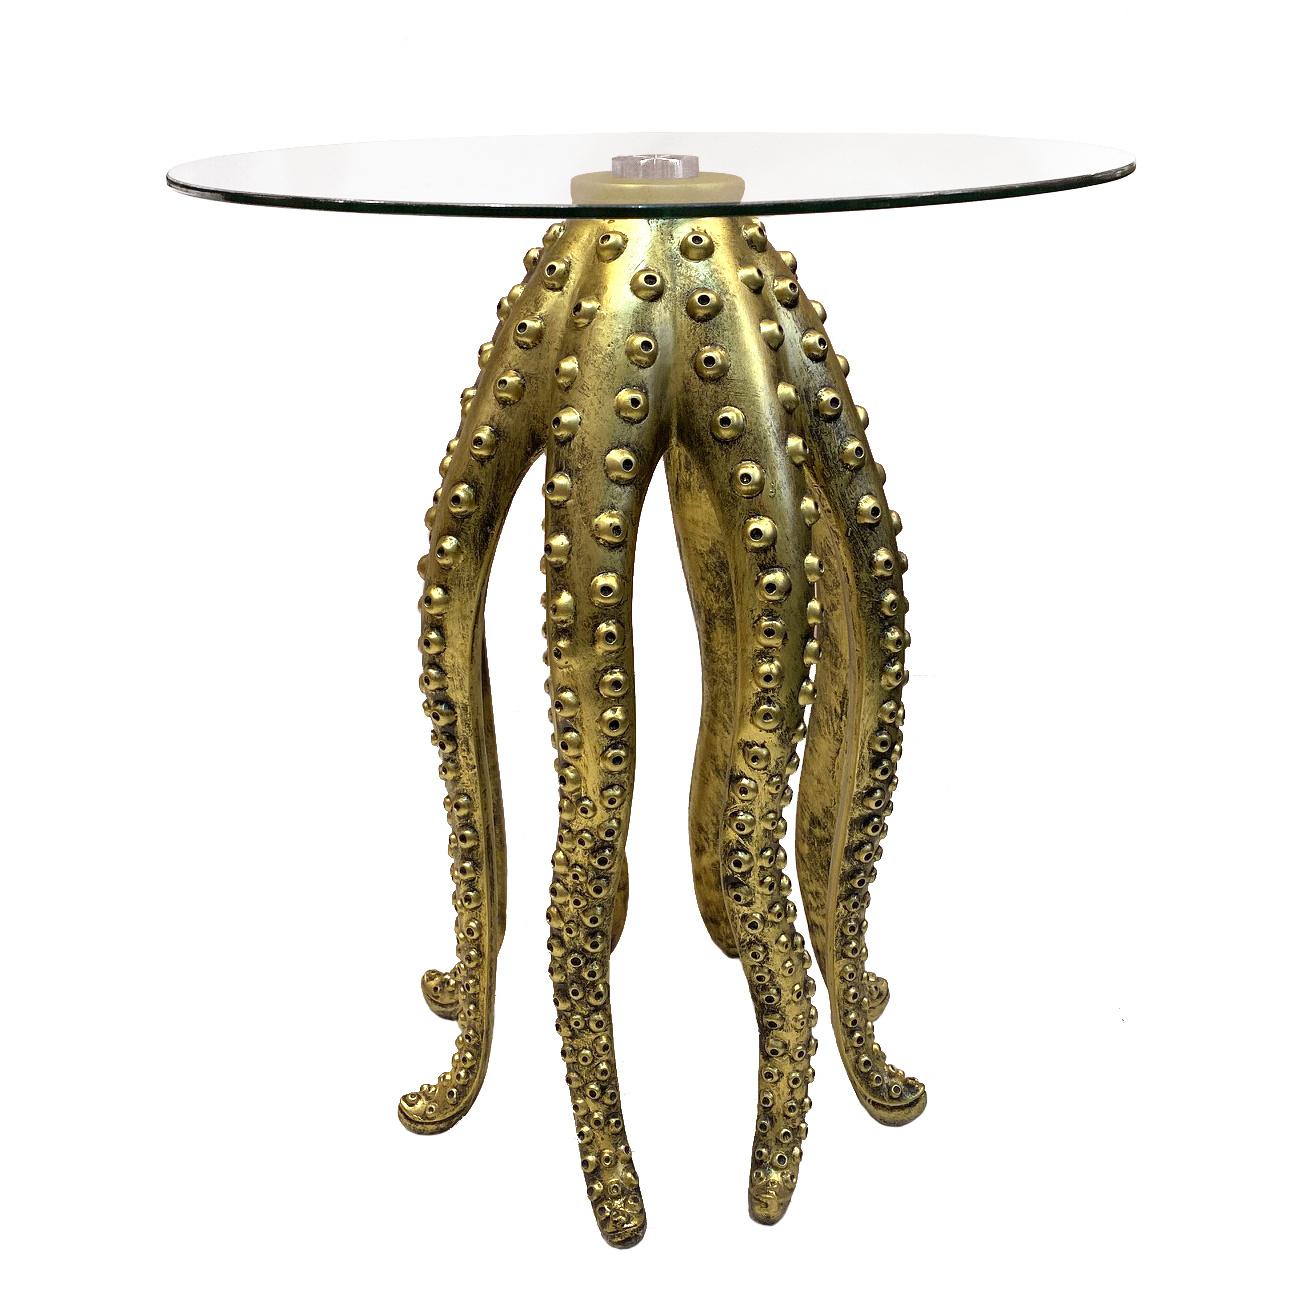 Gouden bijzettafel in de vorm van een octopus